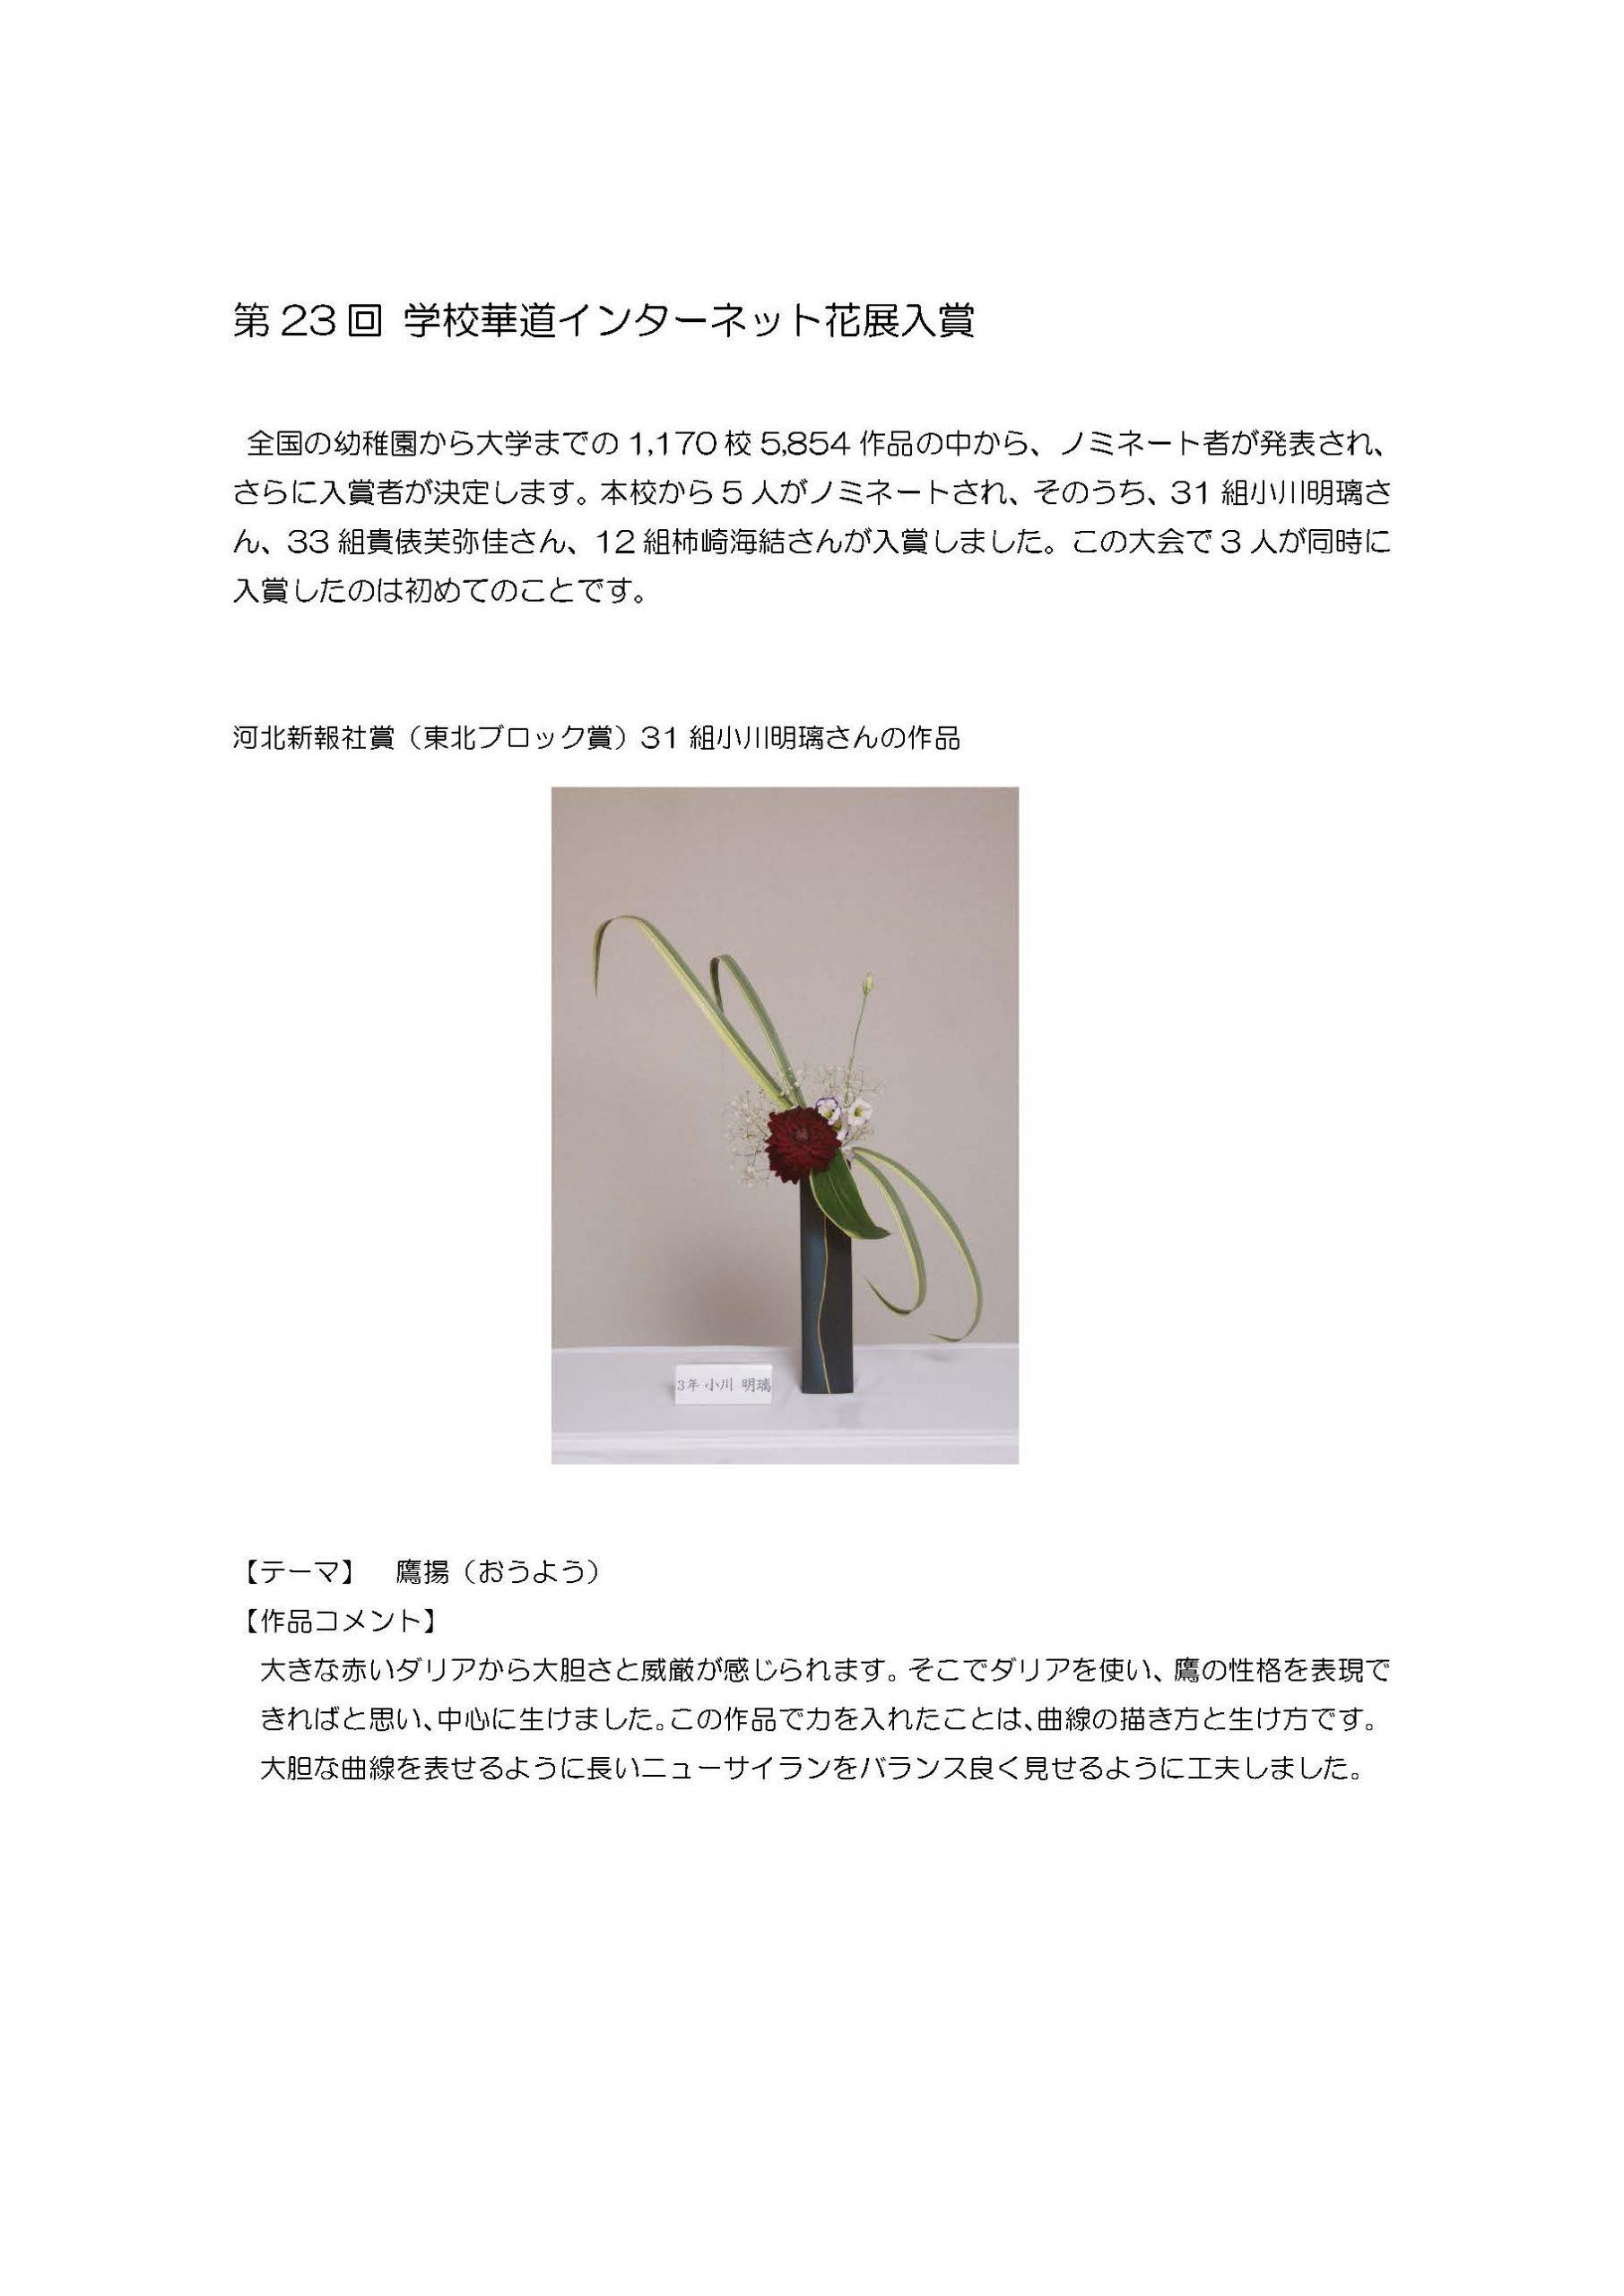 茶華道部 インターネット花展入賞1